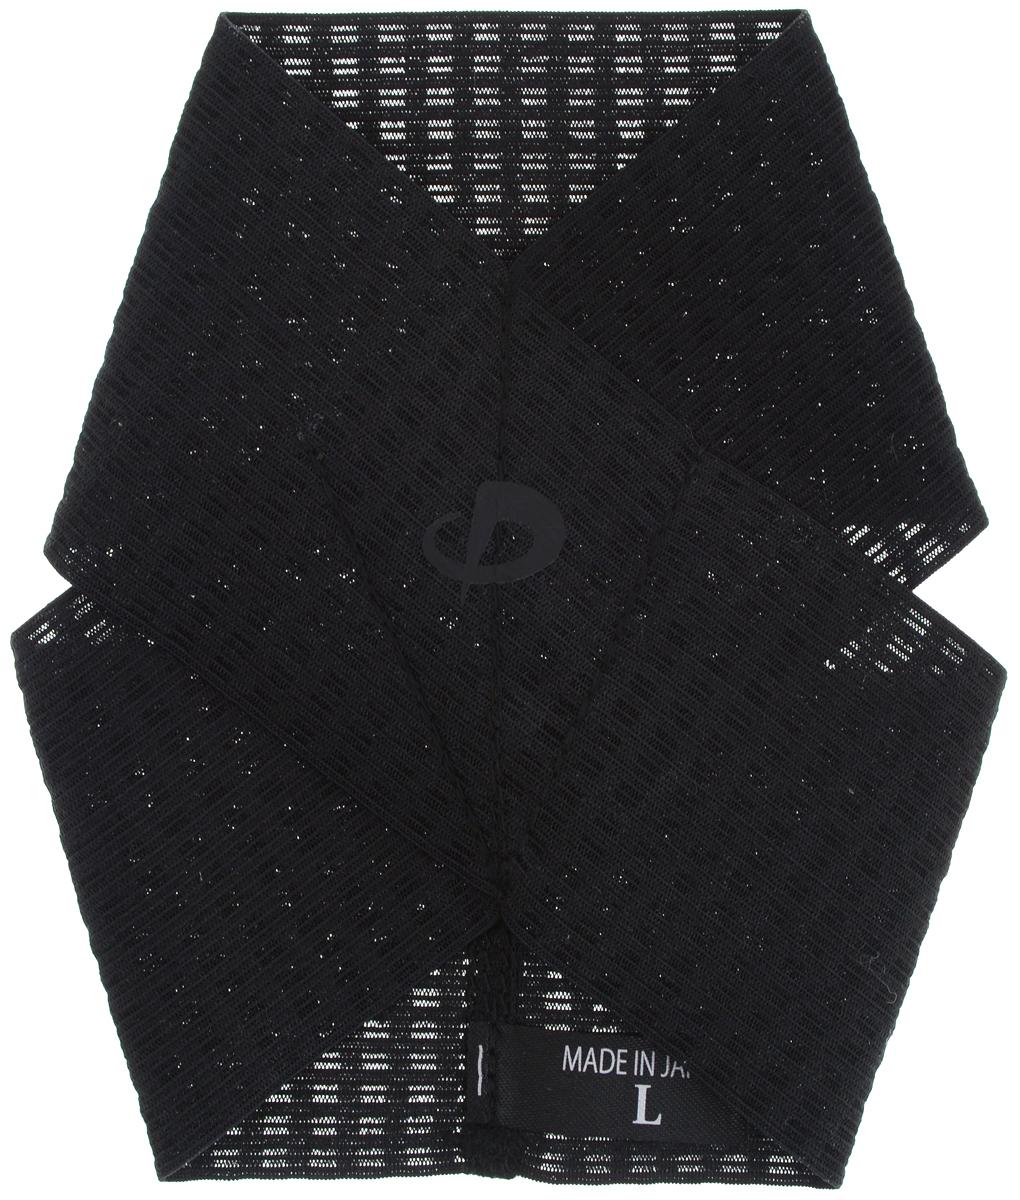 Суппорт голеностопа Phiten Ankle. Soft Type. Размер L (22-30 см)